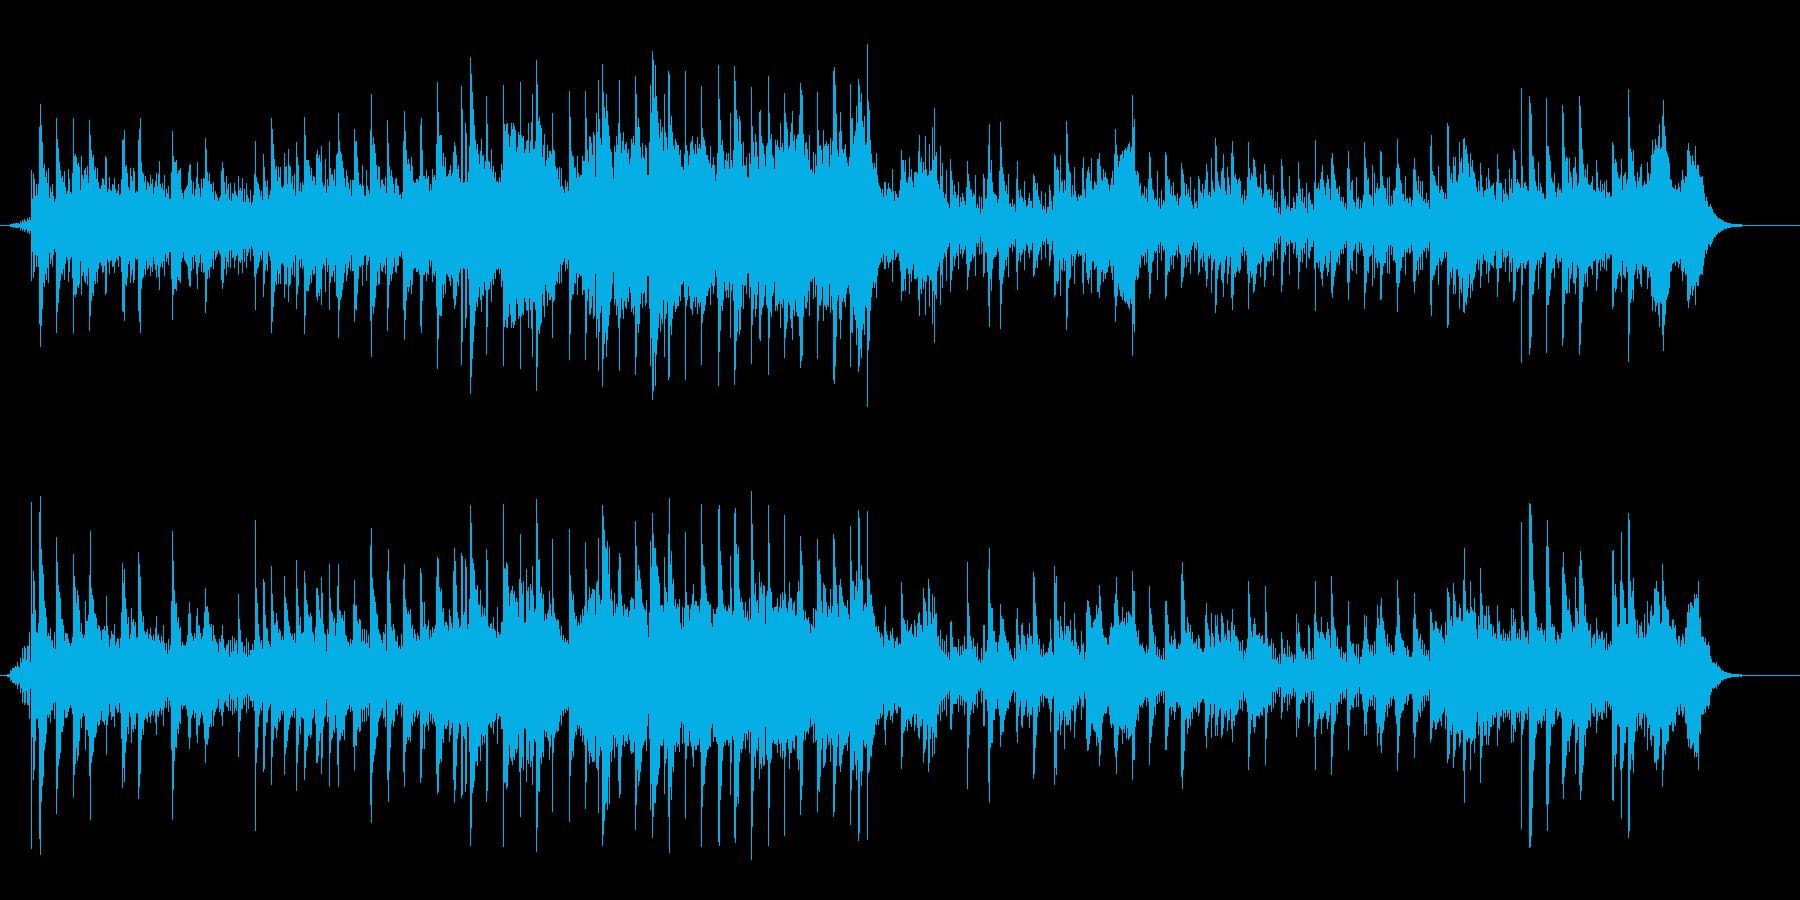 幻想的ムードのフュージョン風サウンドの再生済みの波形